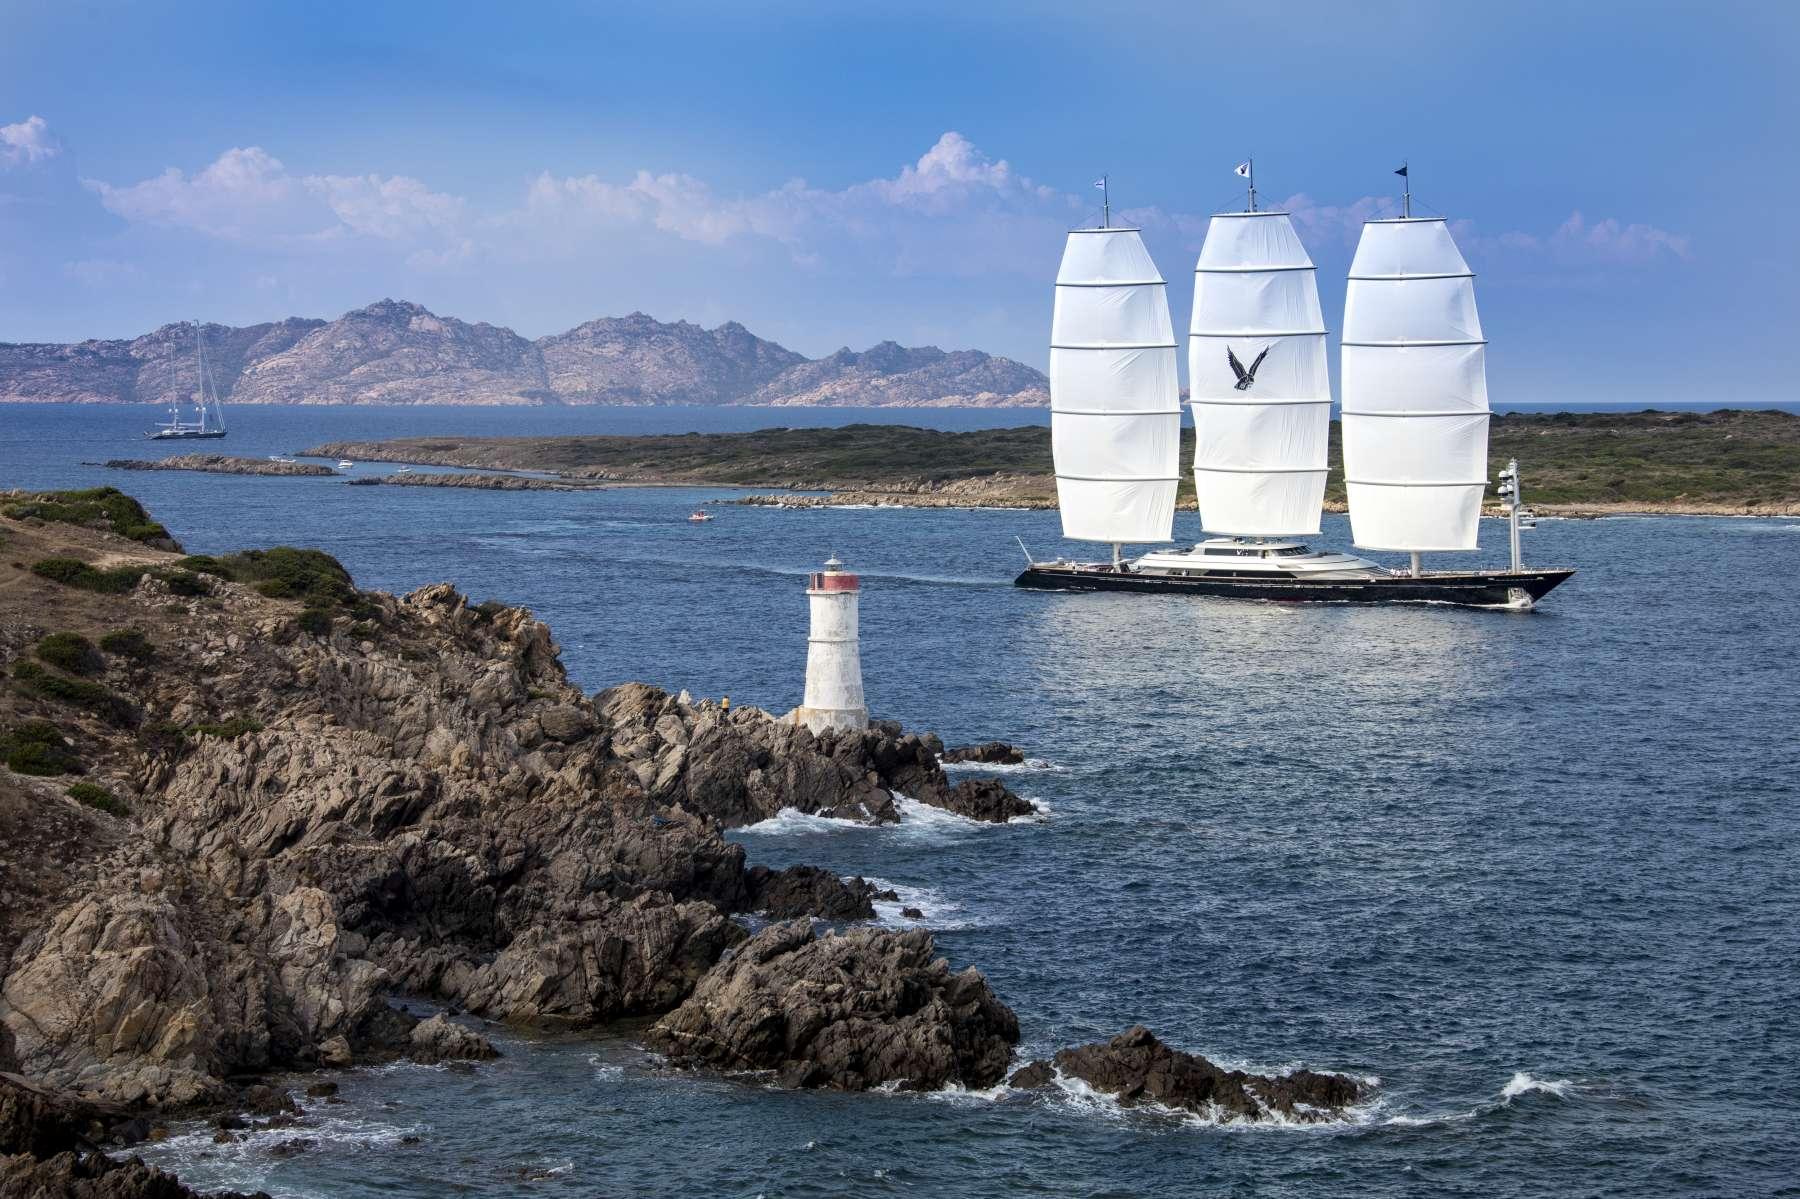 Secondo giorno di regate per la Perini Navi Cup - NEWS - Yacht Club Costa Smeralda